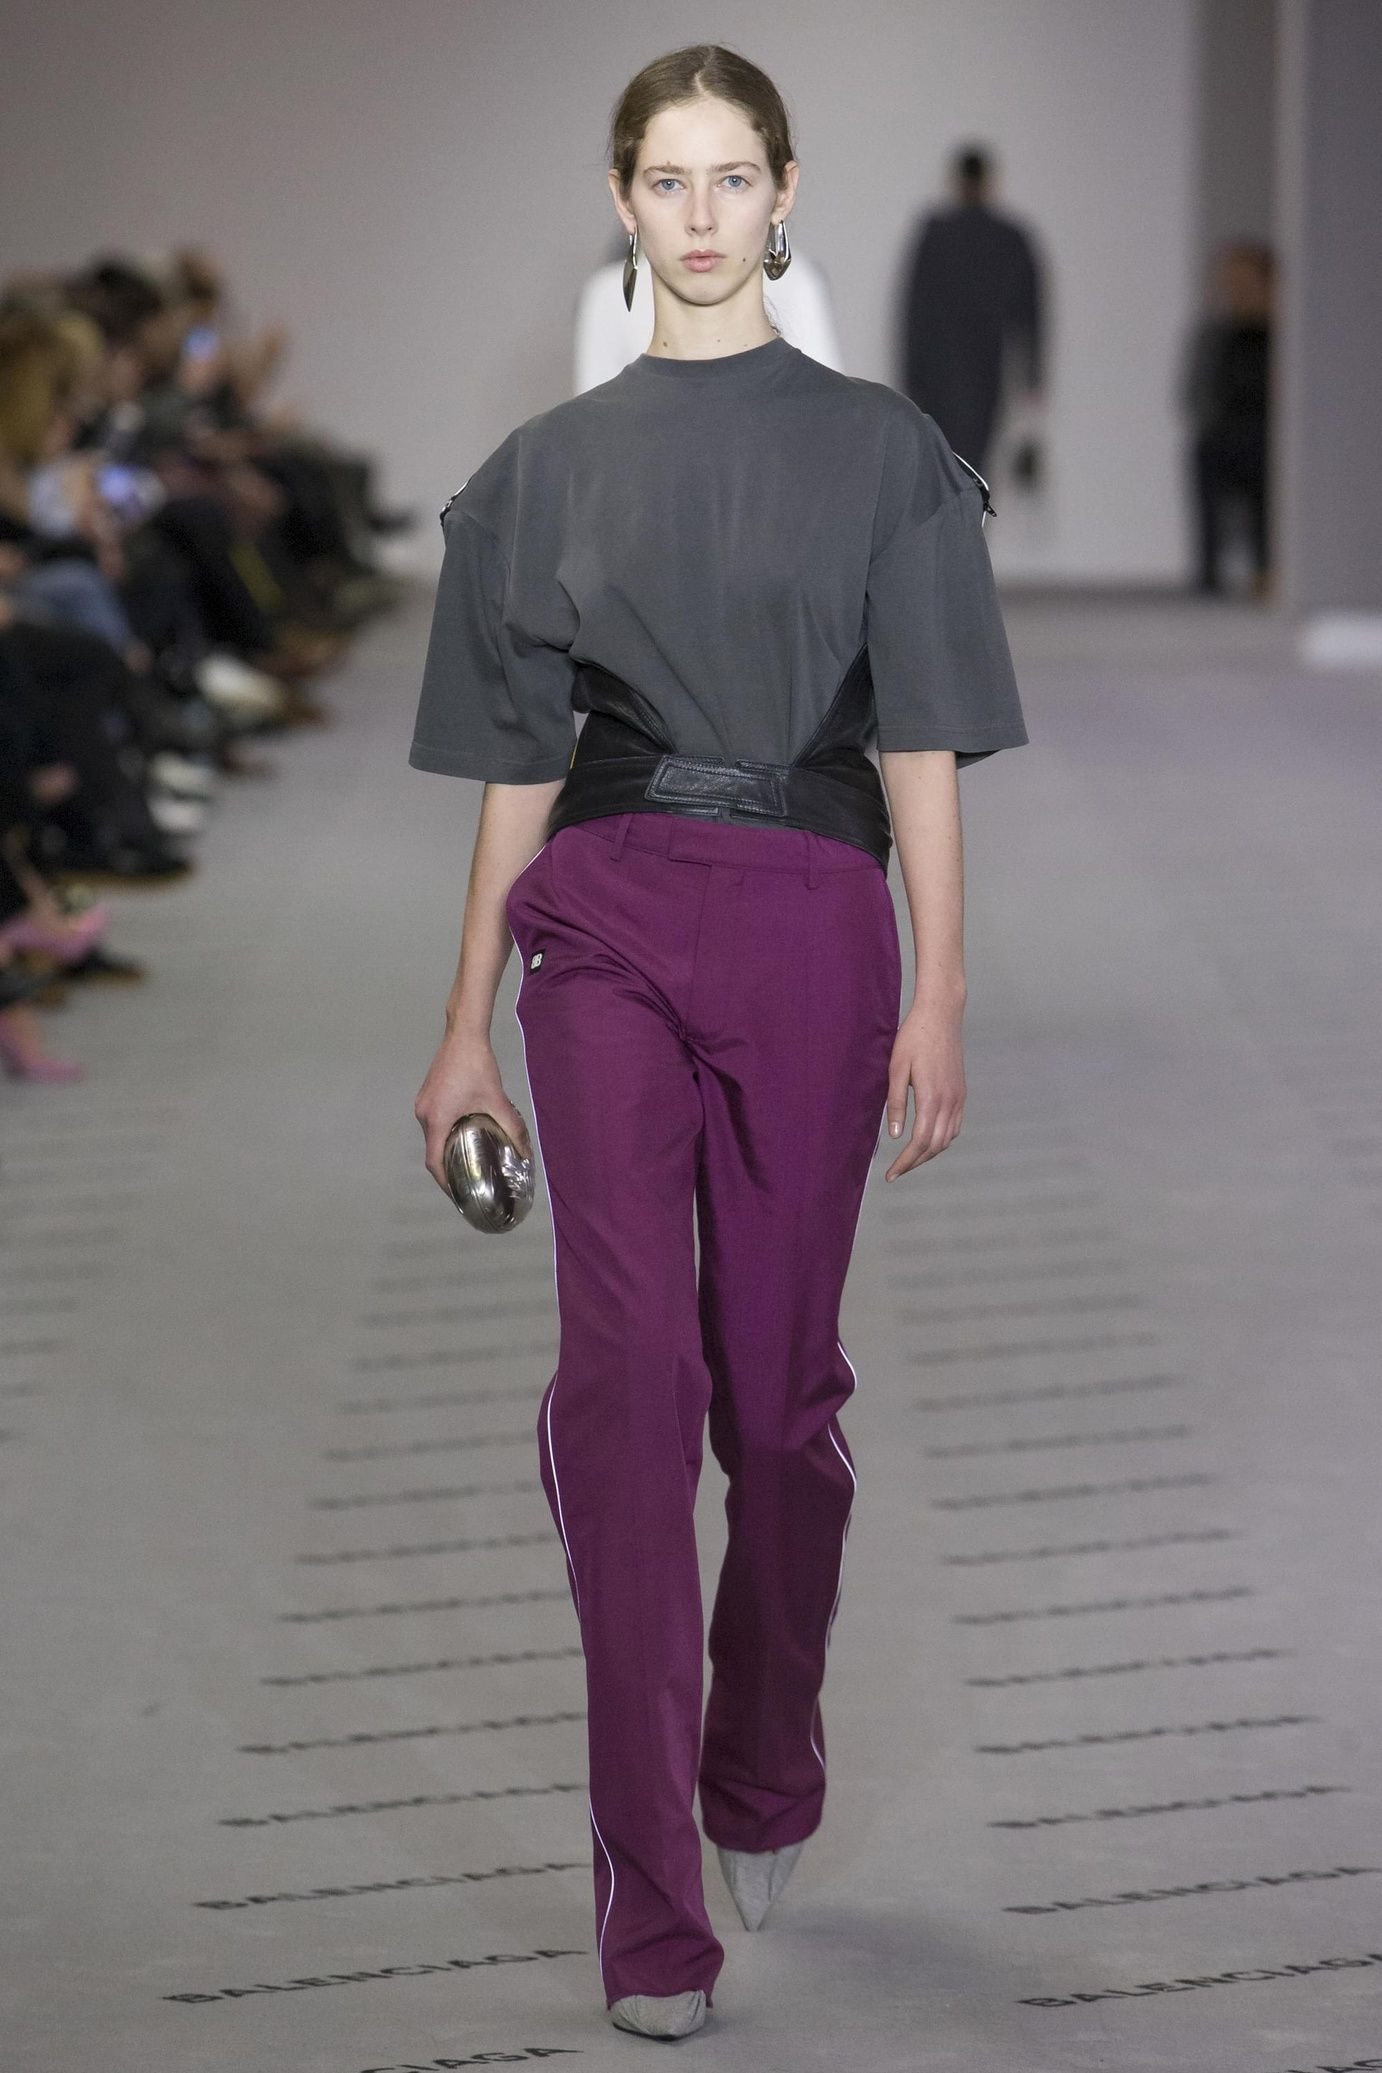 Défilé Balenciaga Prêtàporter Femme Automnehiver - Pret a porter haut de gamme femme